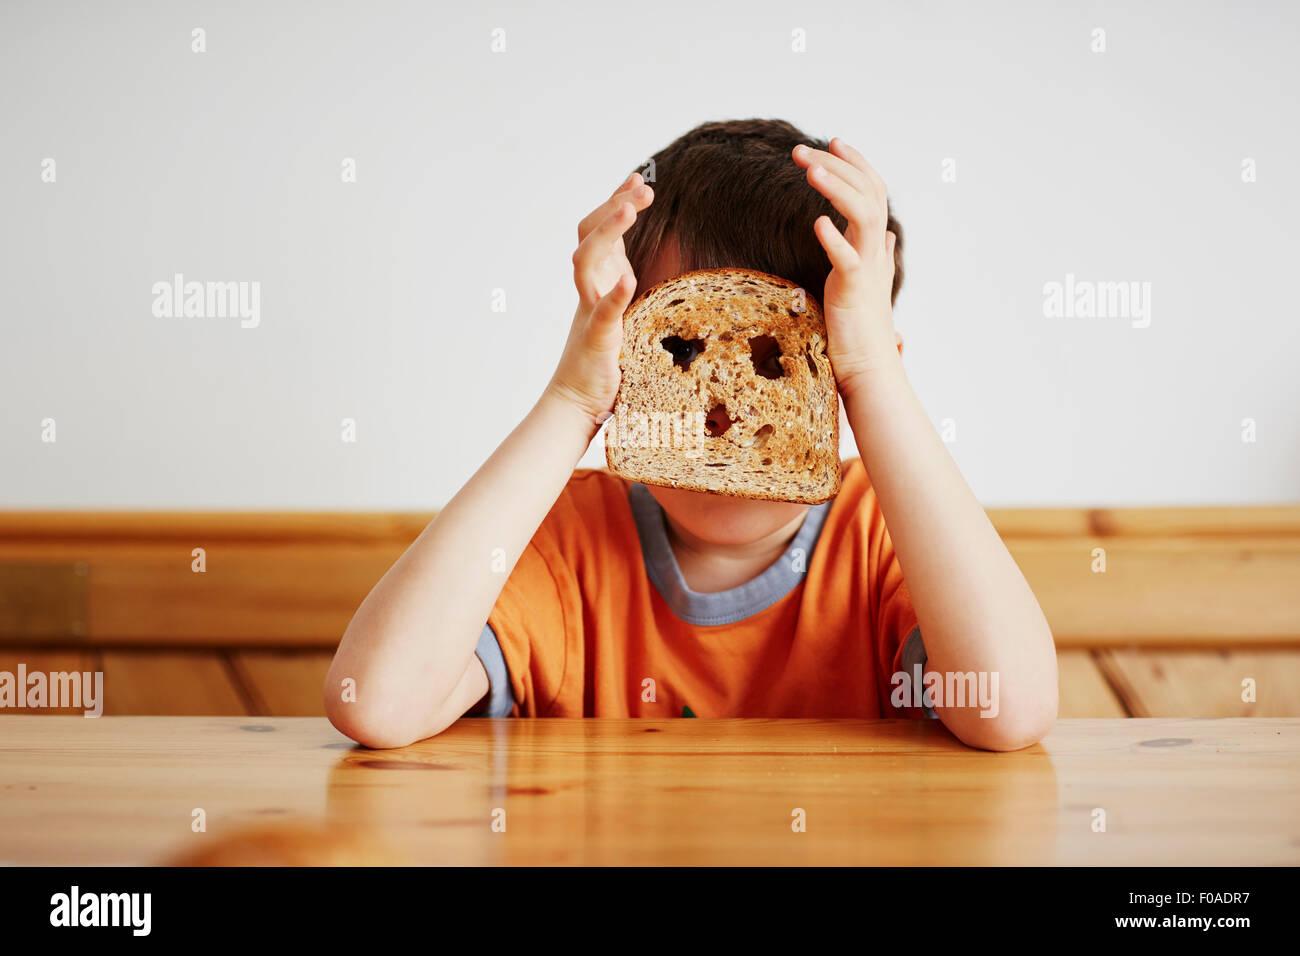 Ragazzo che ricopre la faccia con toast Immagini Stock